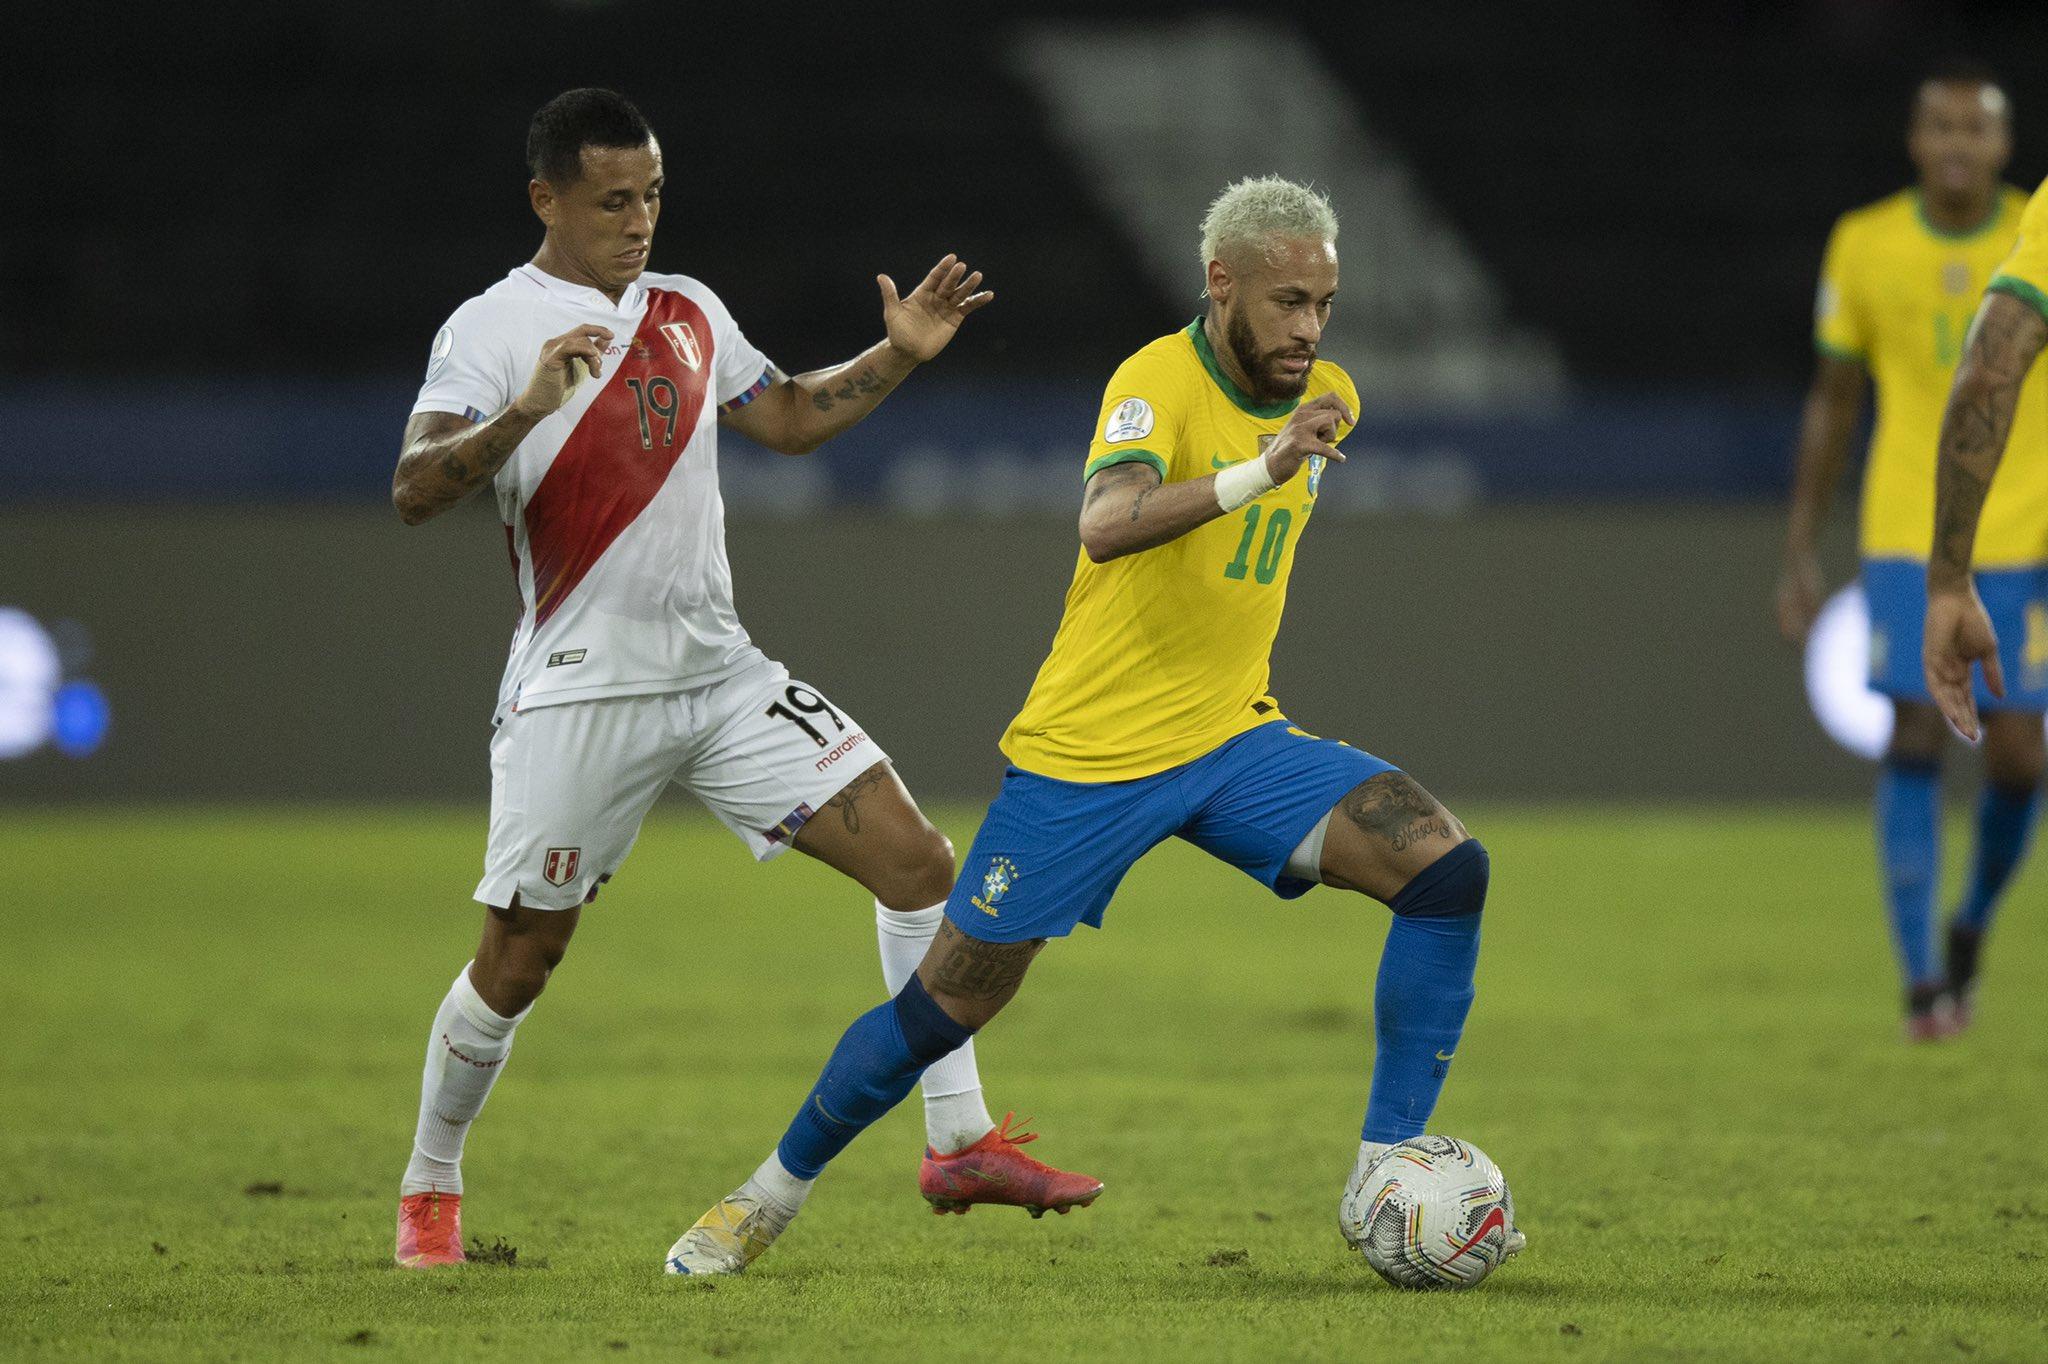 """เปรูไม่ใช่คู่แข่งของบราซิลในปัจจุบัน  ภาพถ่าย: """"CBF ."""""""